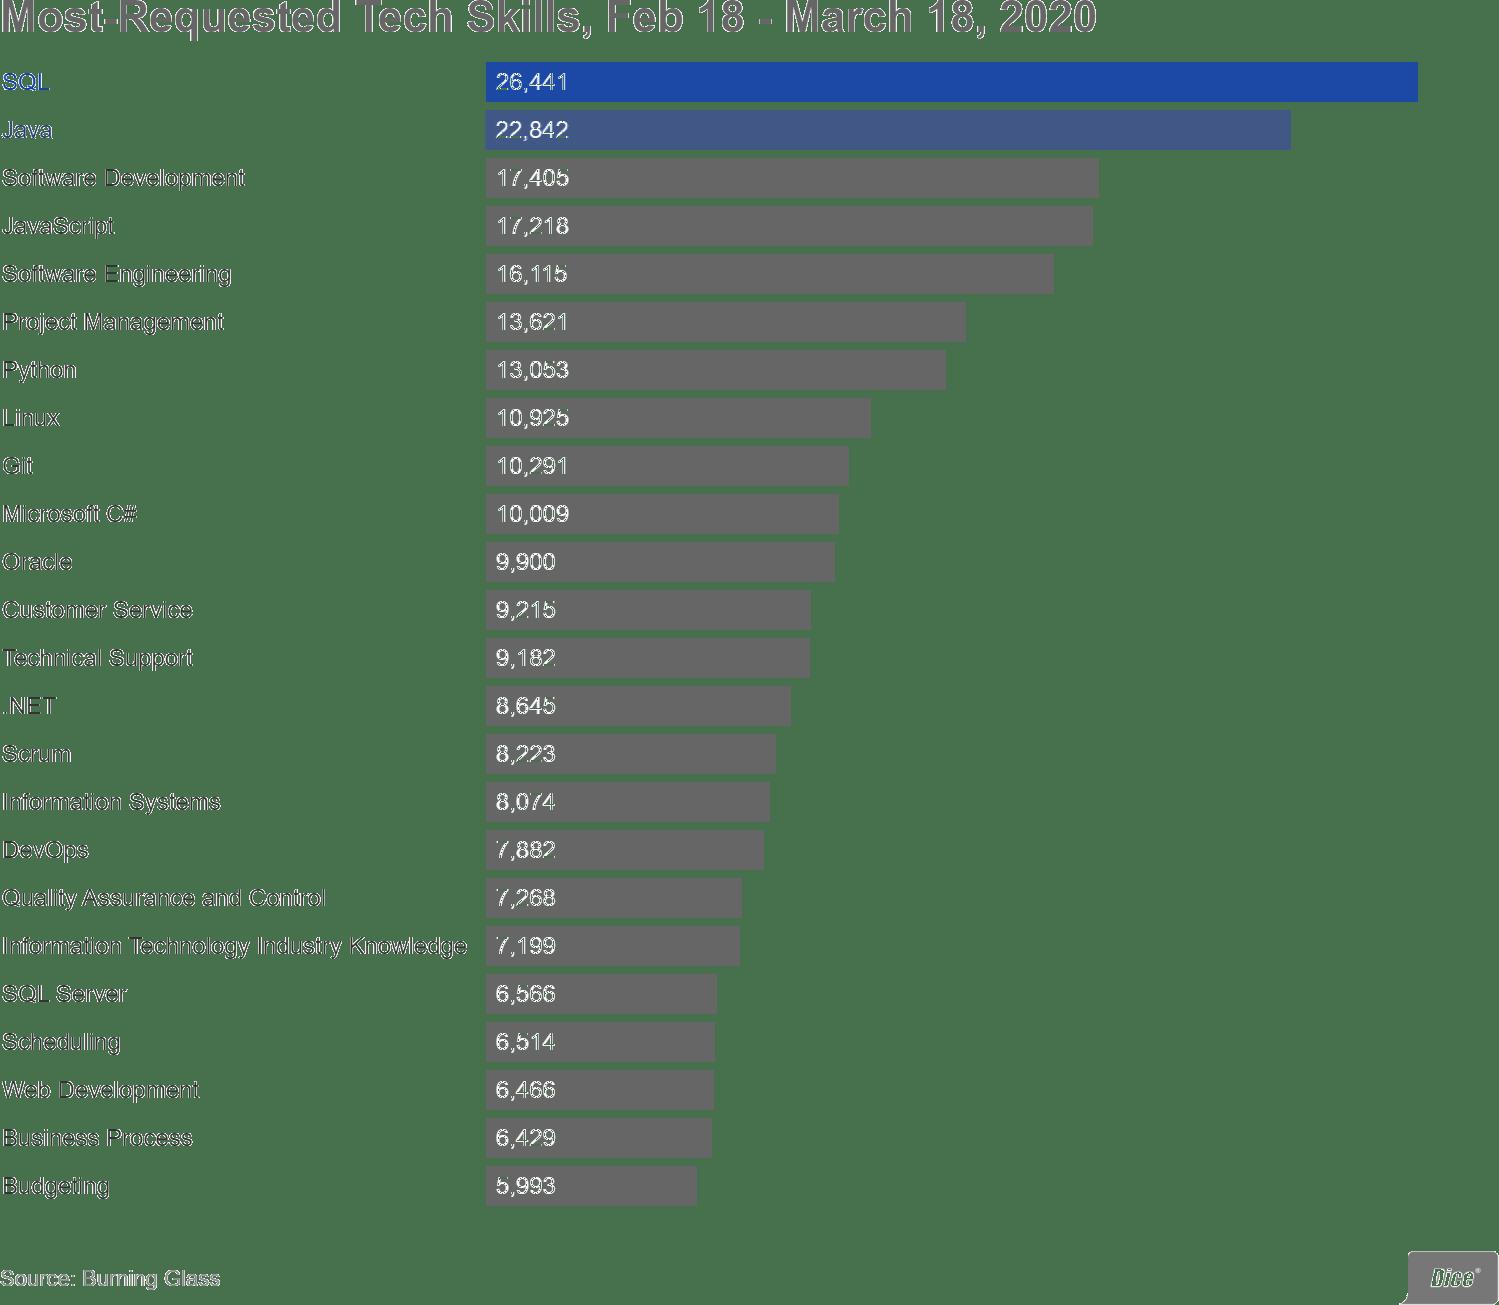 SQL Linguaggio più richiesto nel 2020